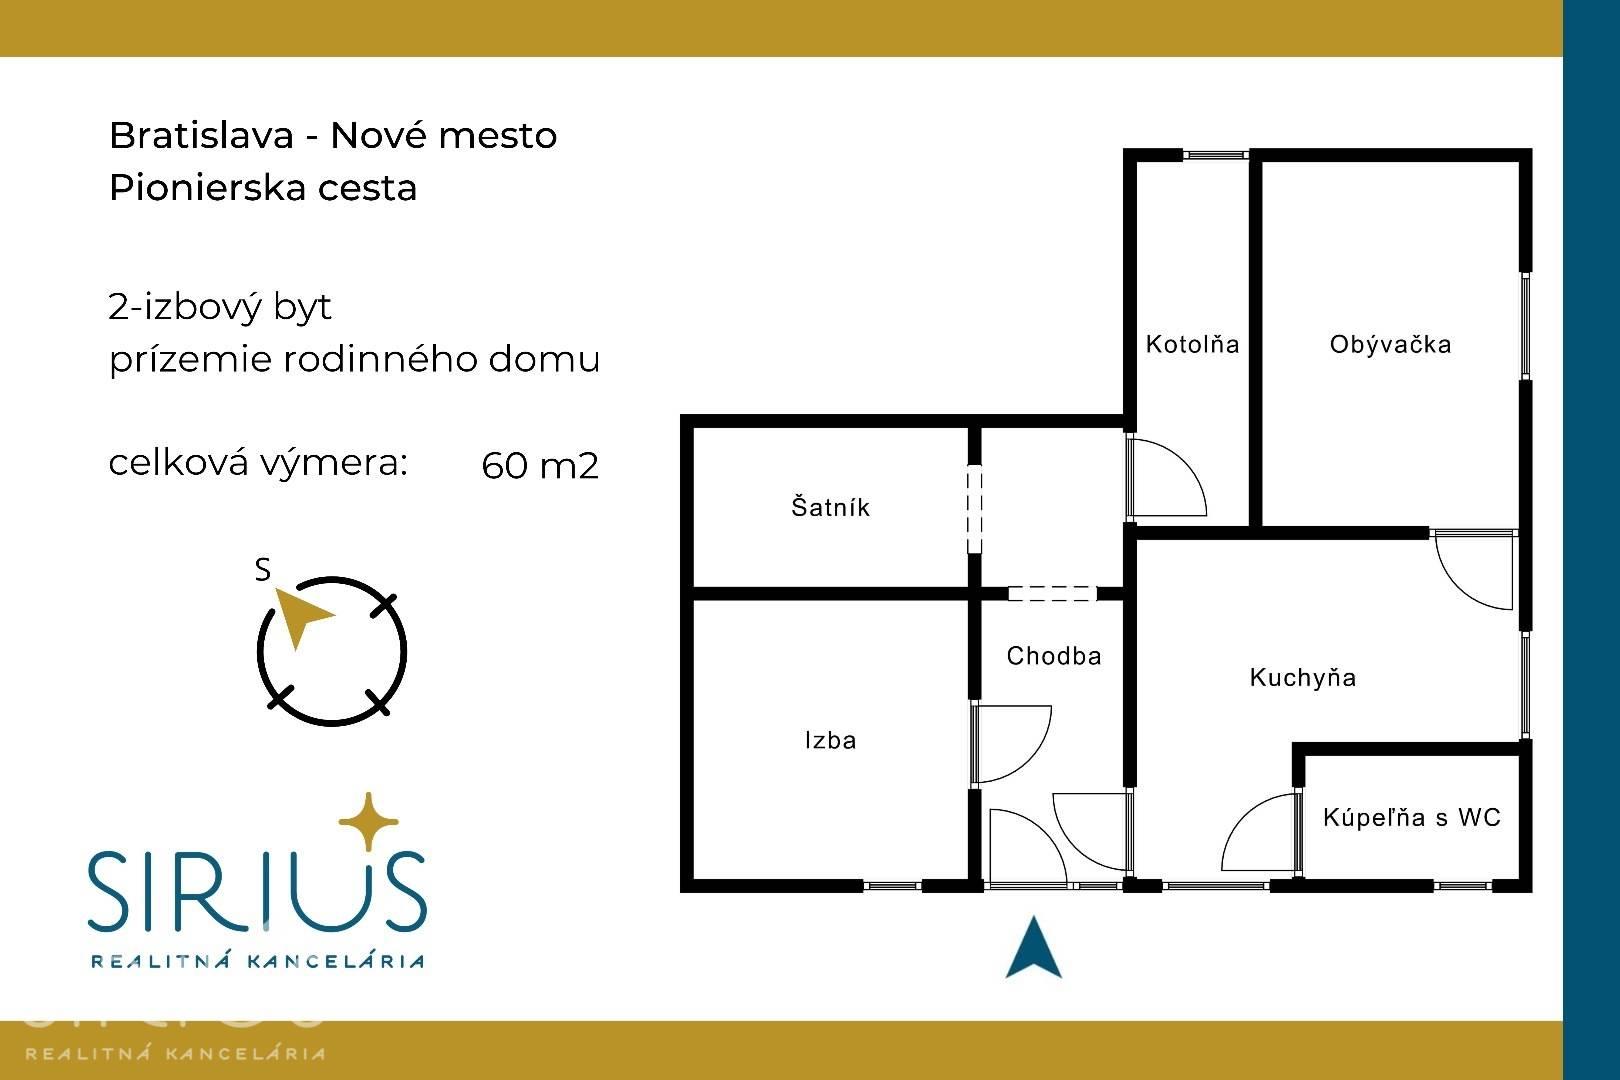 PIONIERSKA, 2-i byt, 60 m2 – tehlový zariadený byt v rodinnom dome